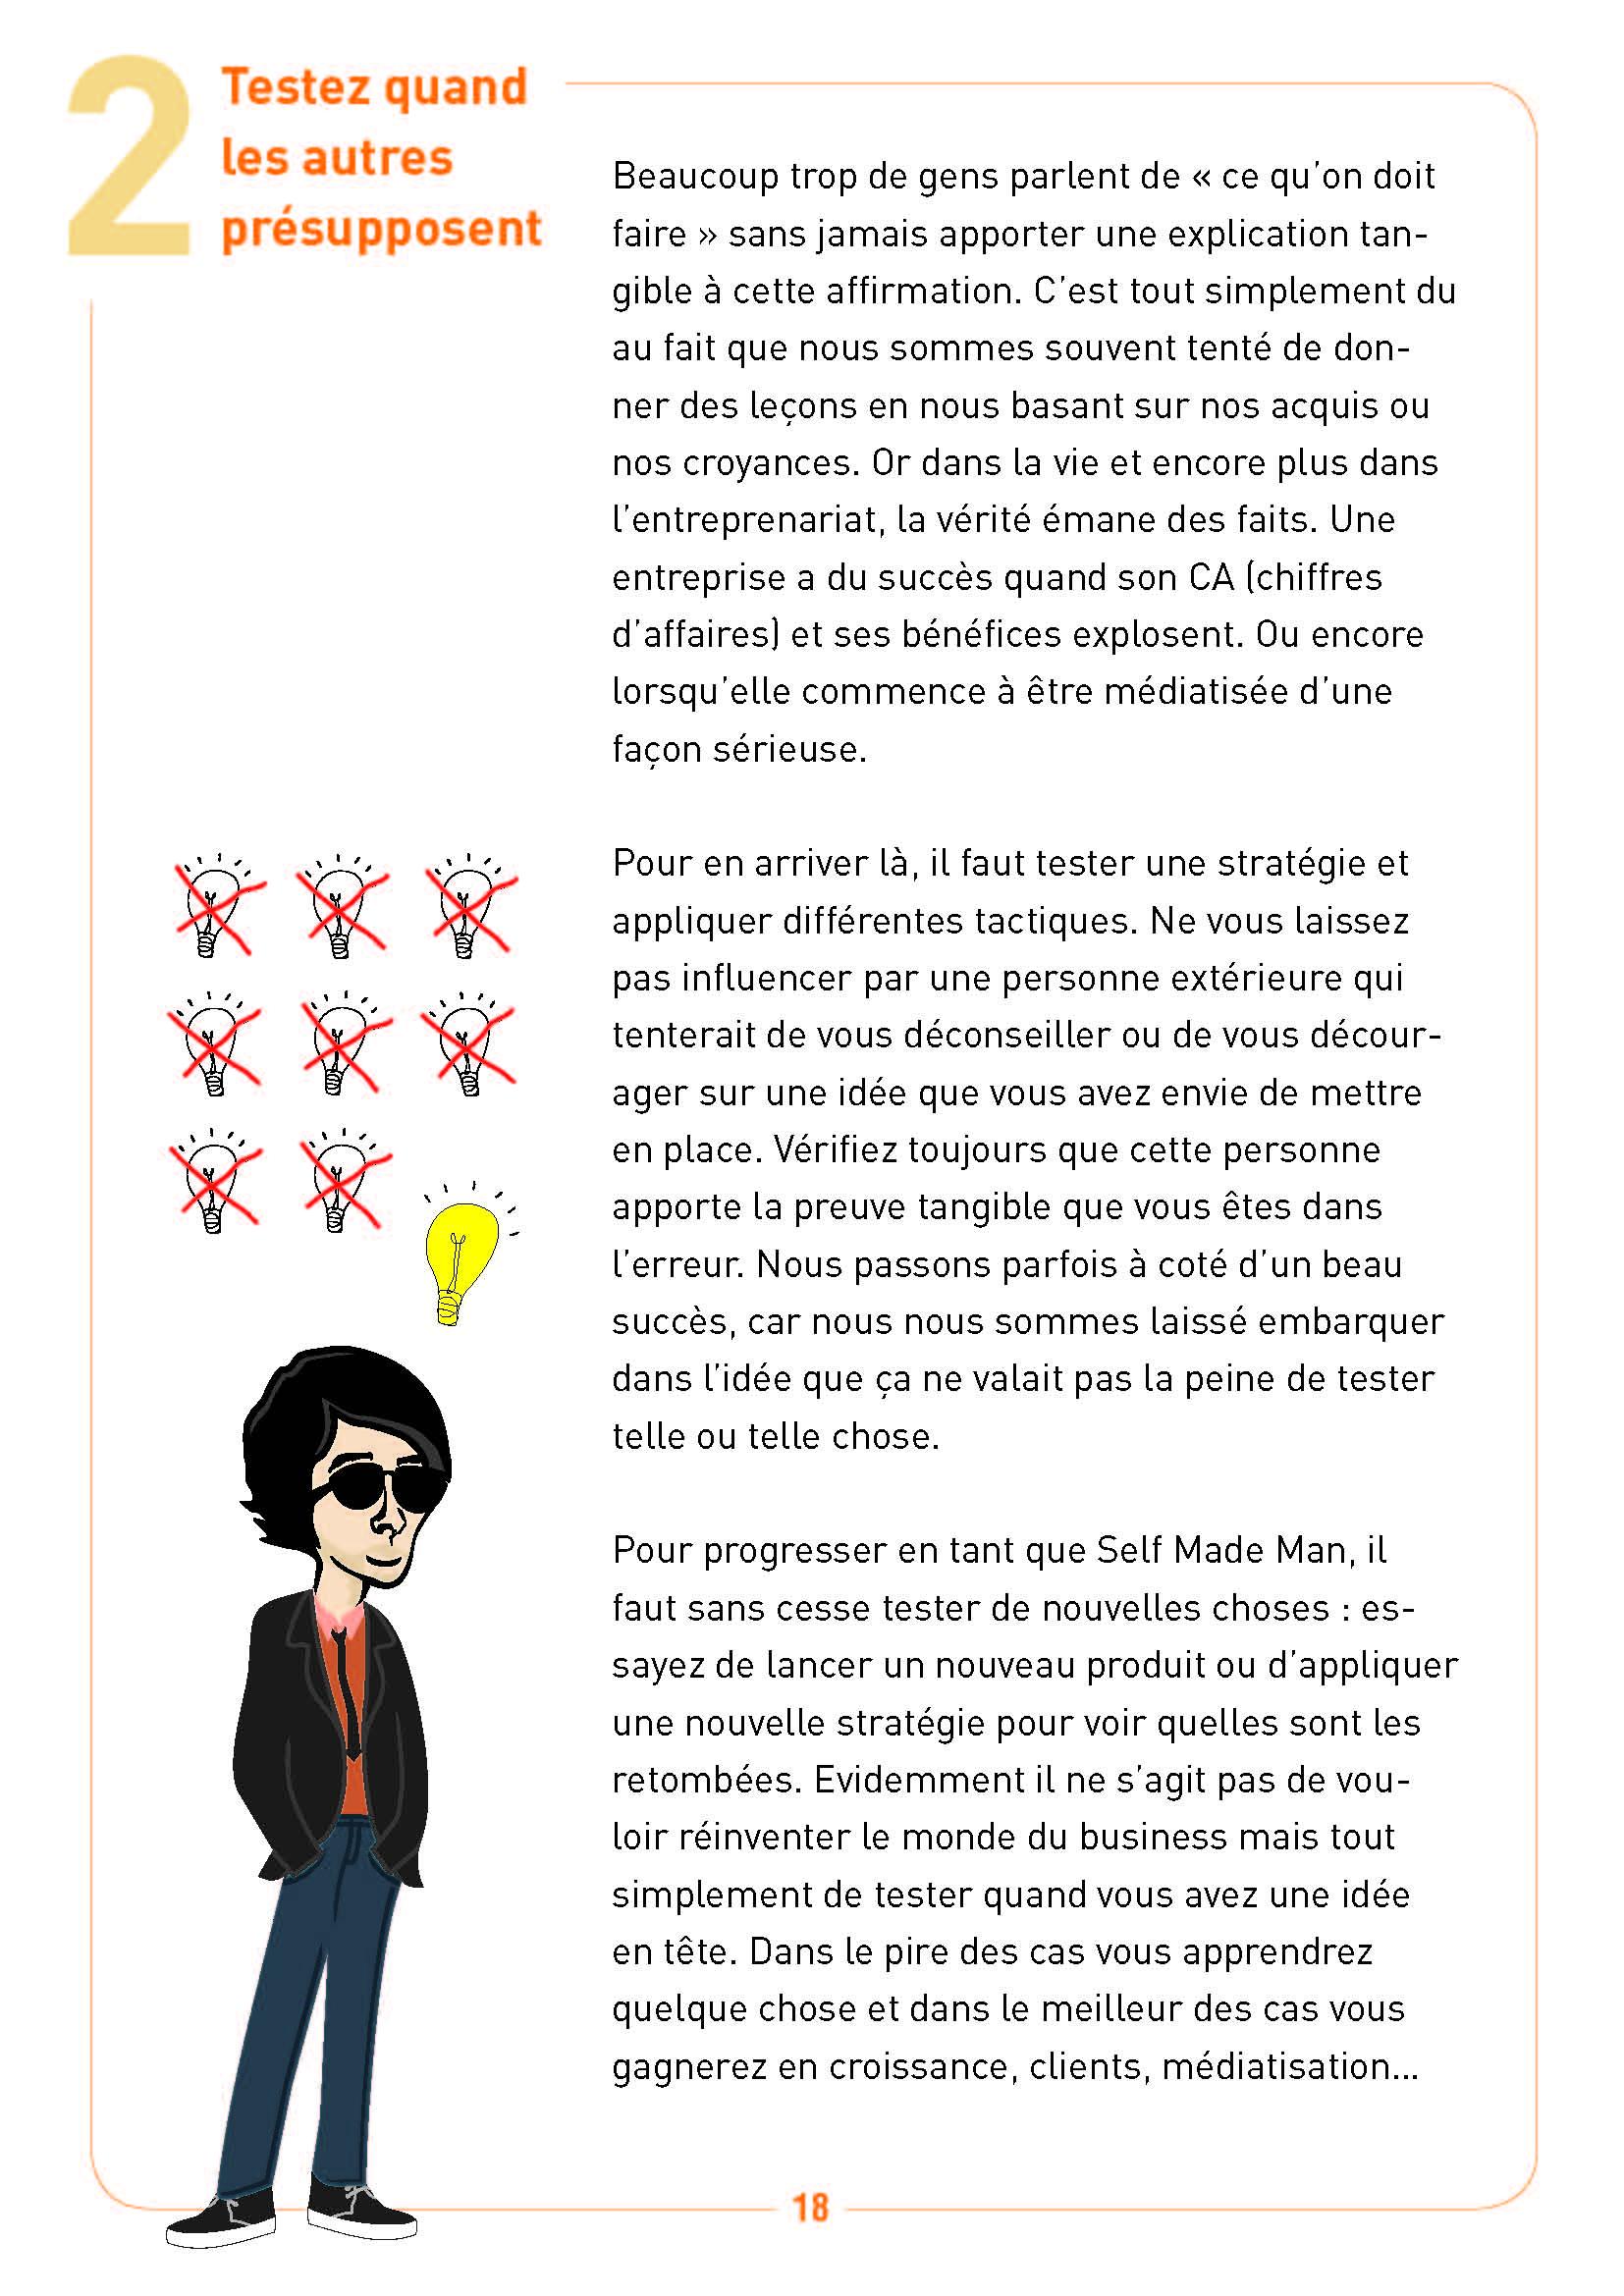 artfichier_800376_5222059_201510181740143 COMMENT ATTEINDRE LE SUCCÈS SANS BAGAGES